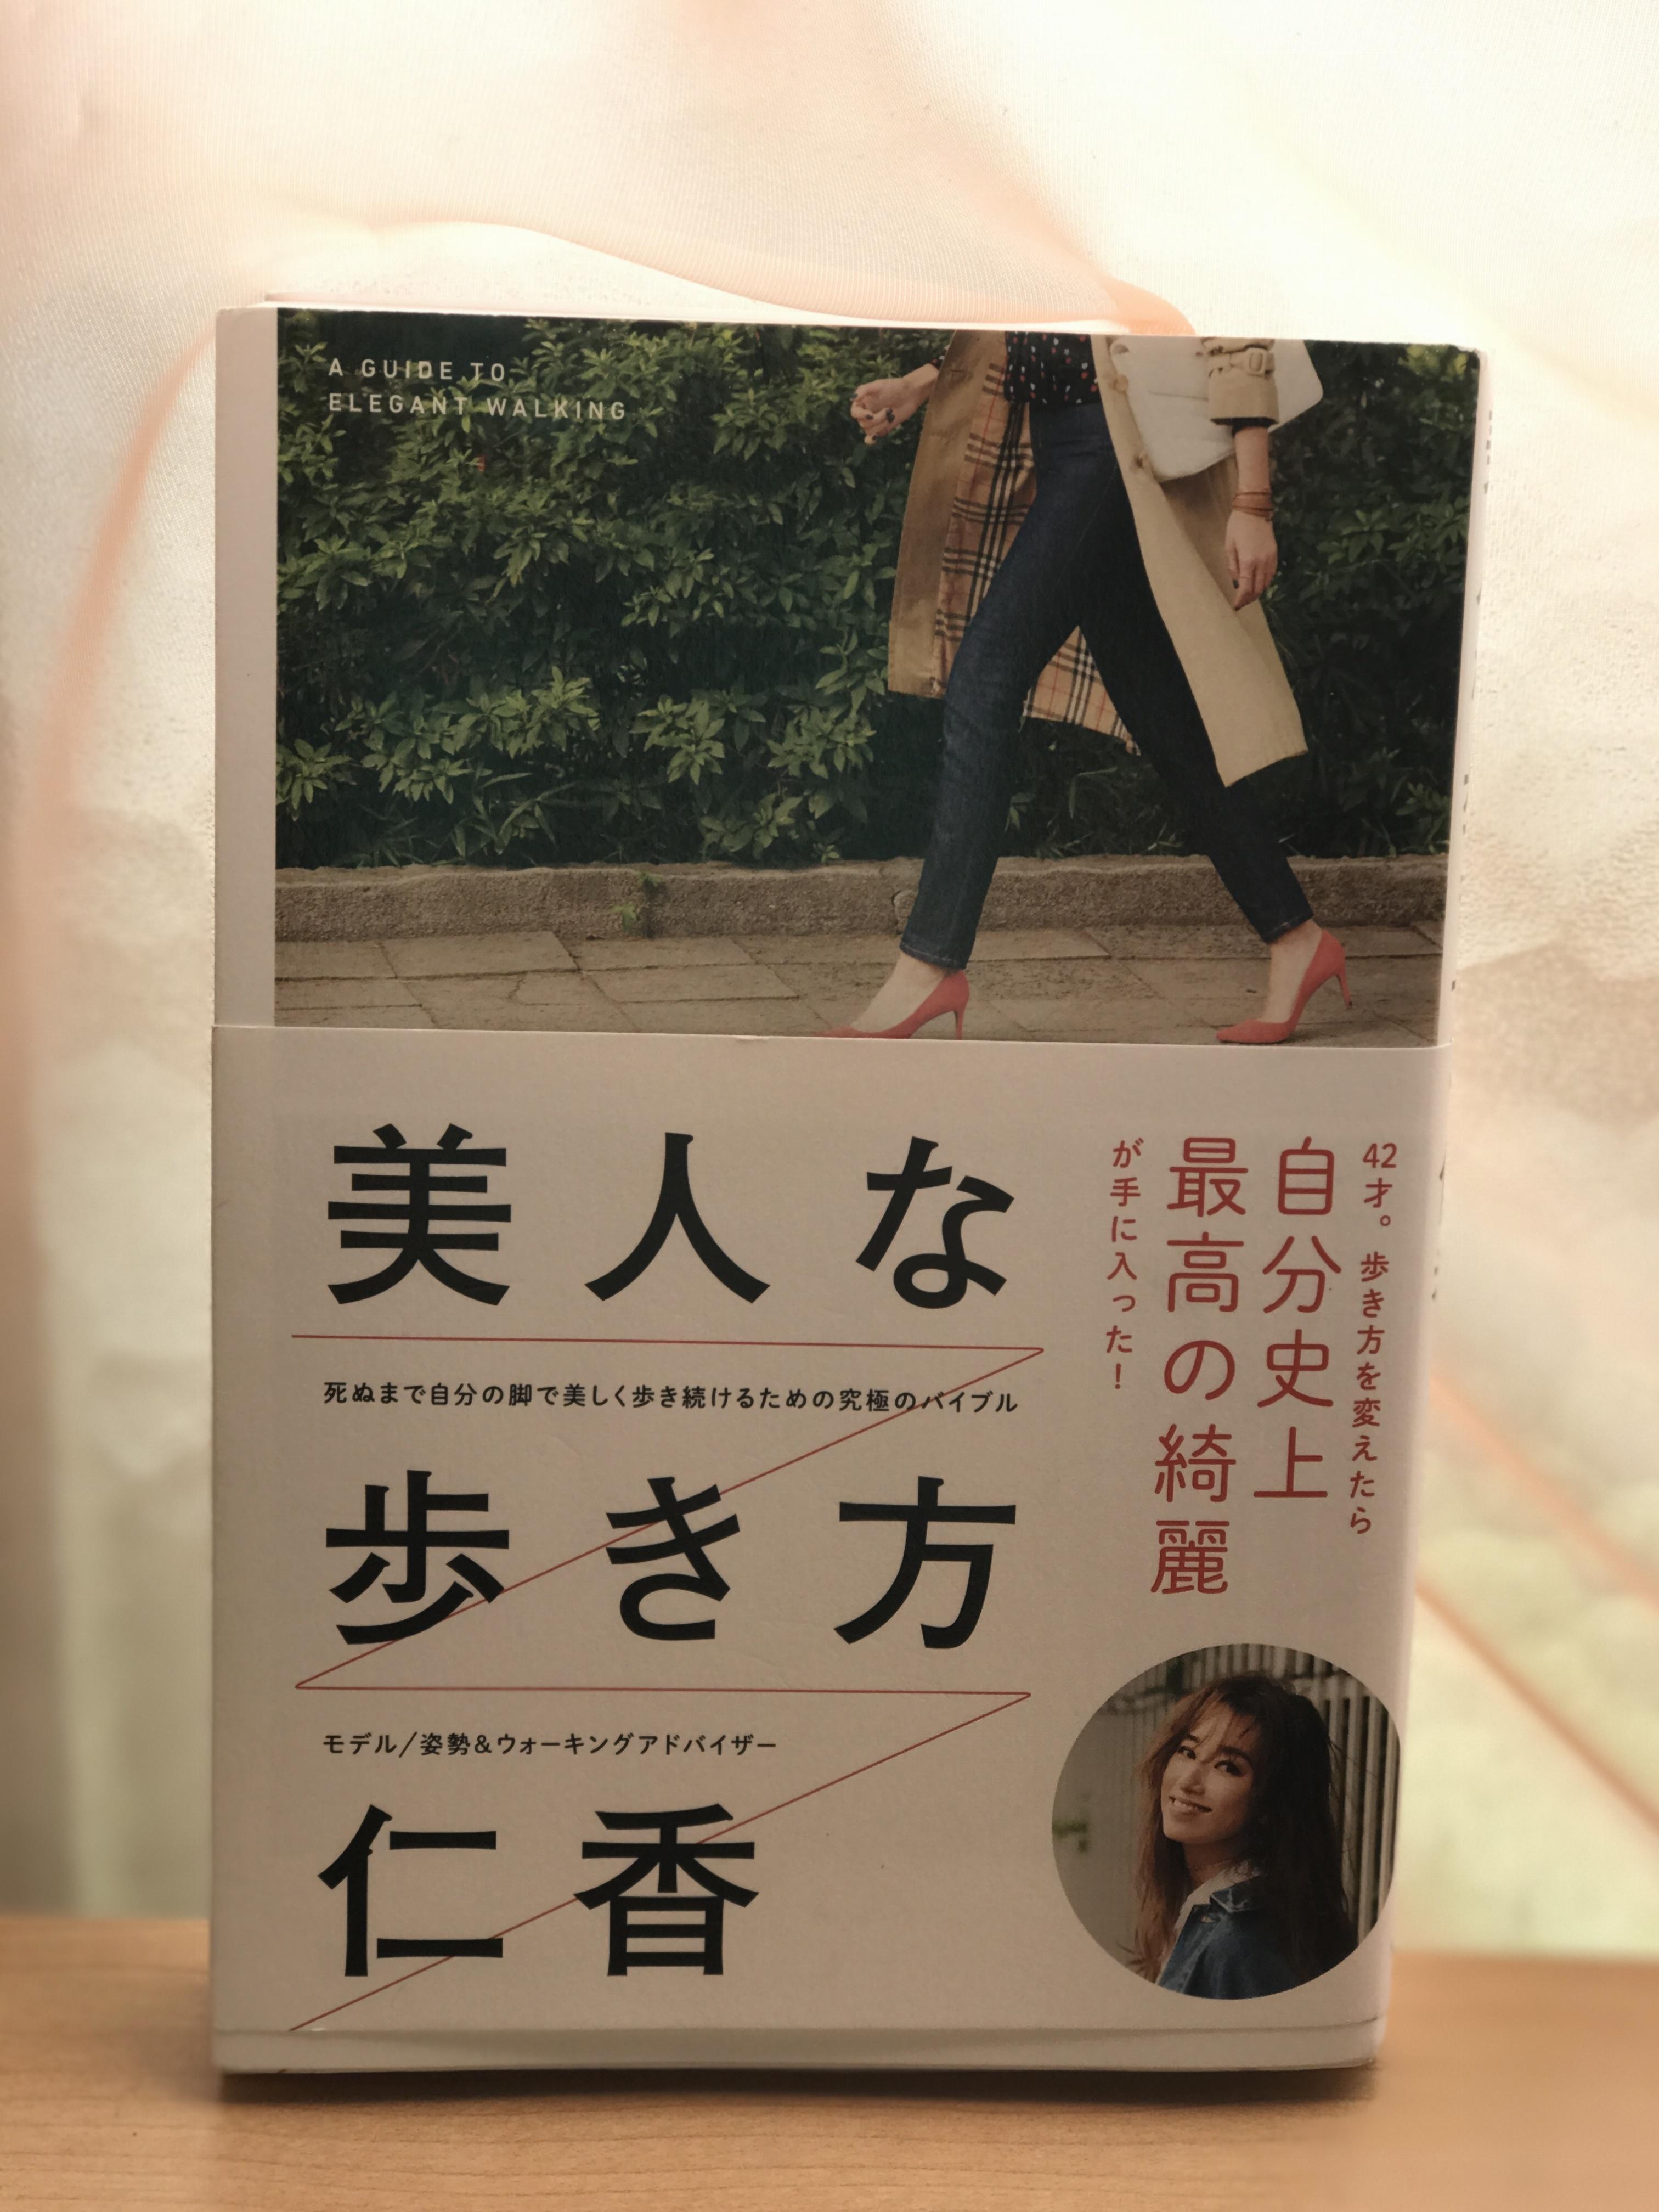 愛される美人は「自尊心」と「体幹」が鍵。モデル・仁香さん直伝。「幸せ美人」の習慣術!_1